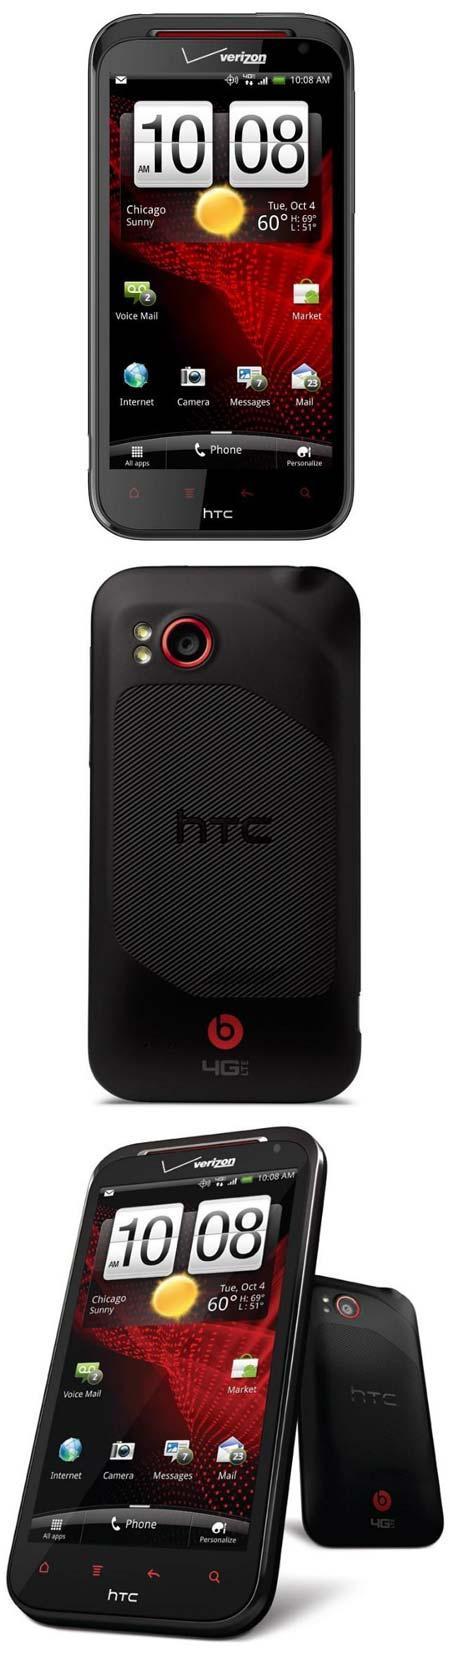 HTC и Beats в очередной раз объявили о выпуске нового совместного детища, как и раньше, это оказался смартфон.  Устр ... - Изображение 2